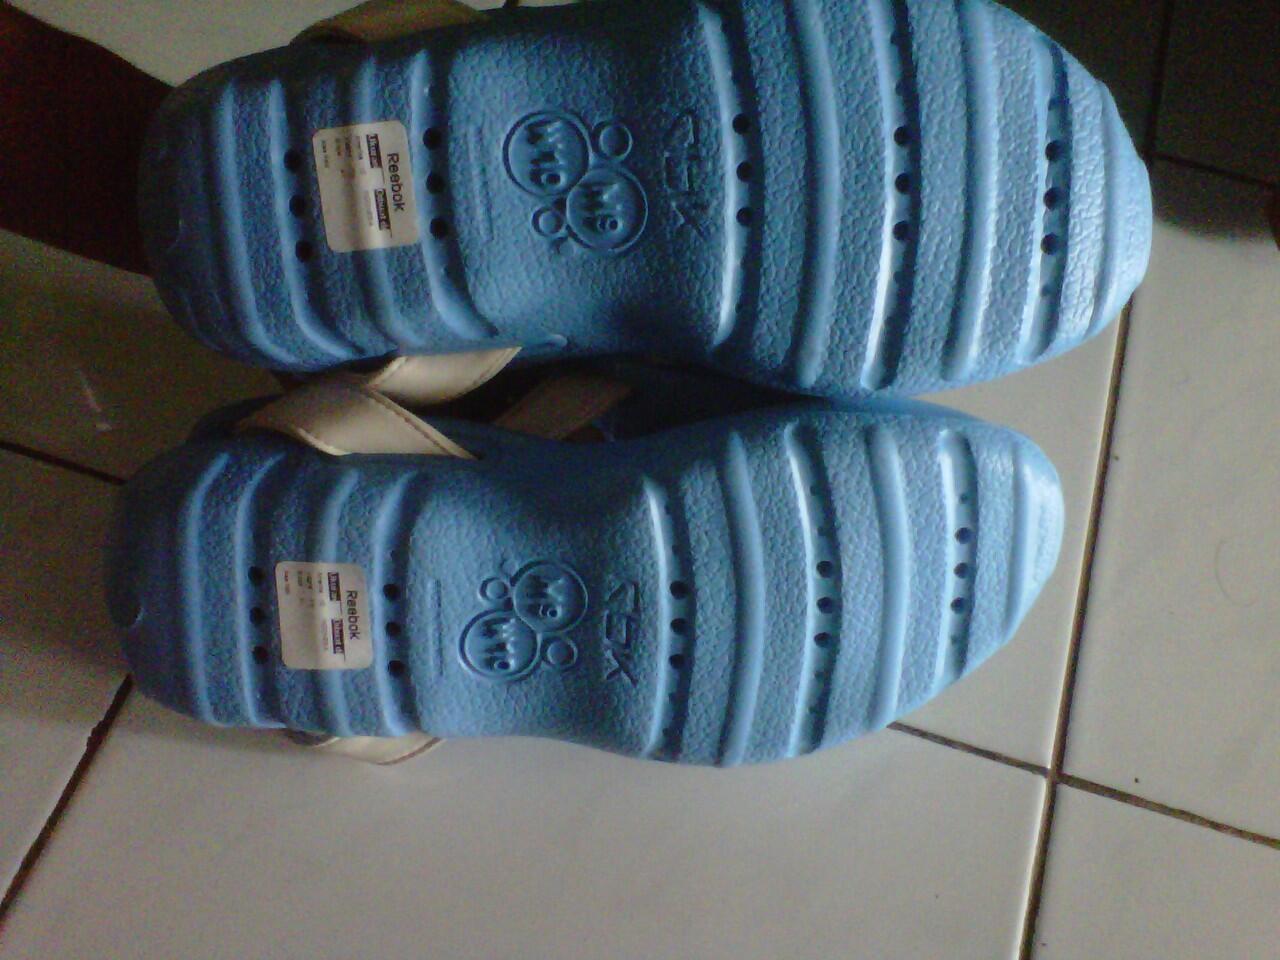 Jual [Lelang] Sandal Reebok quest & sepatu airwalk murmer gan ob rendah mari